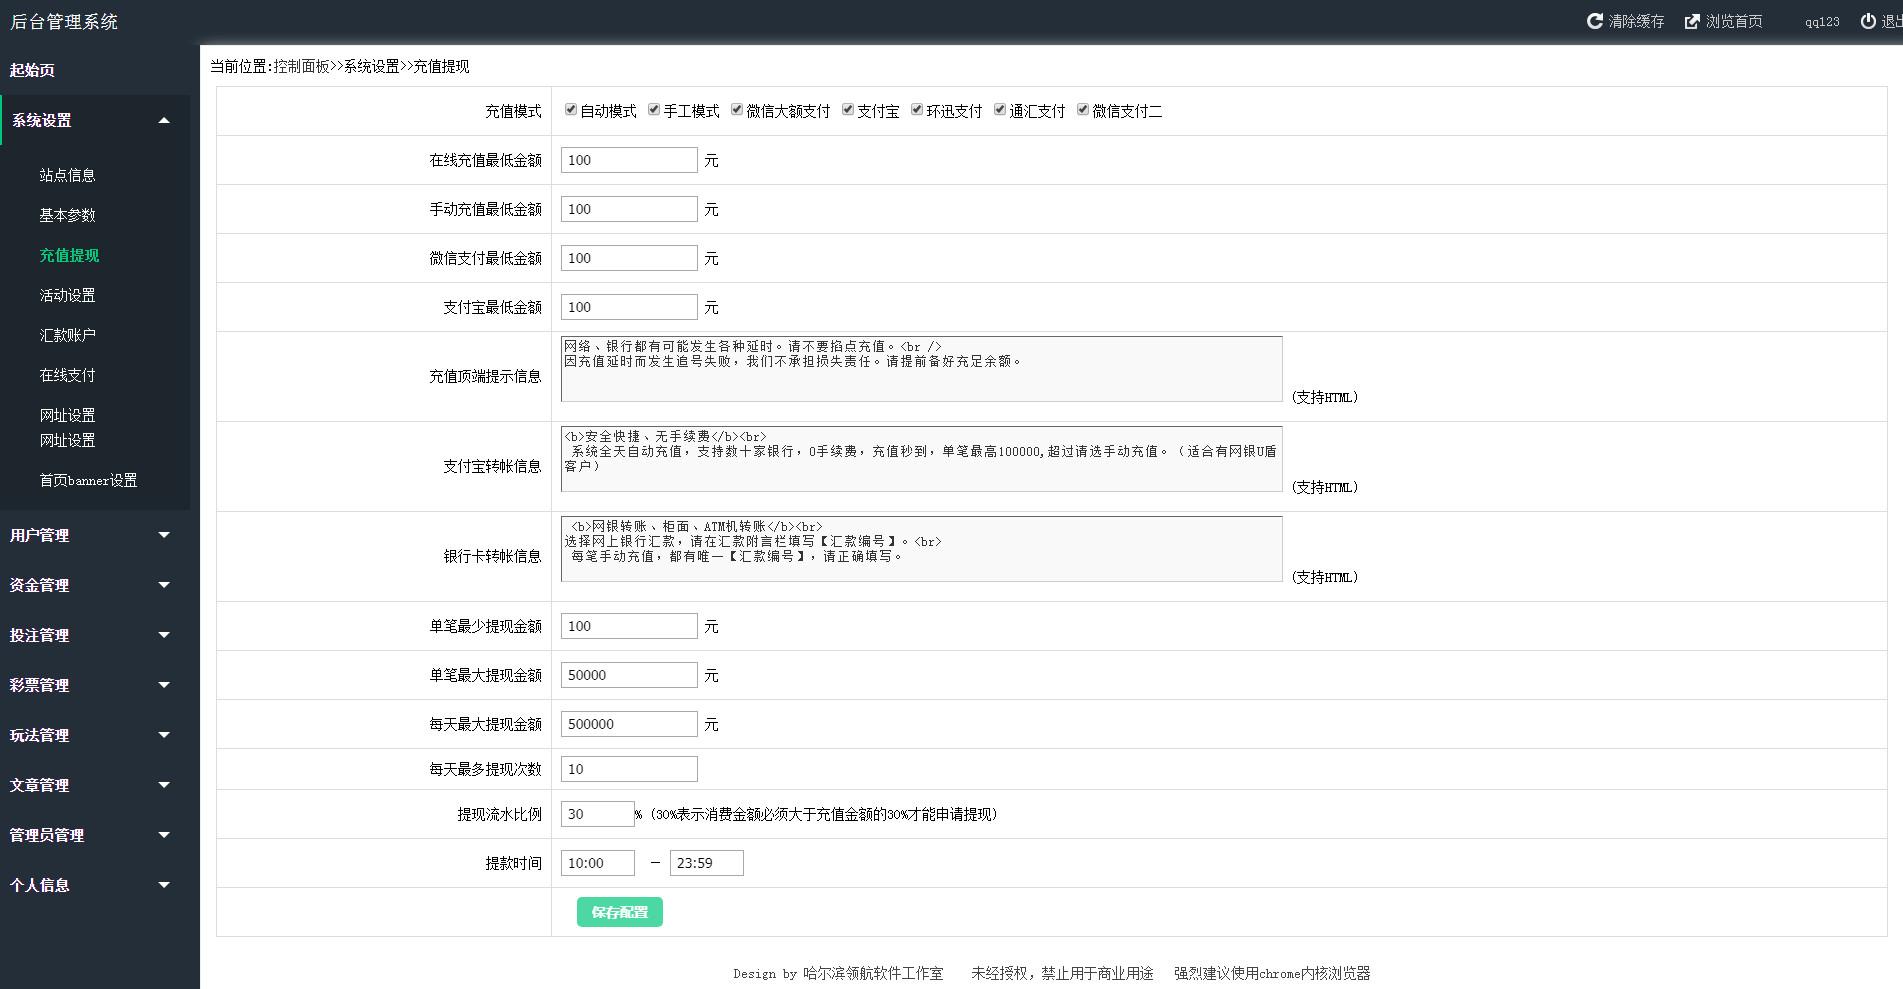 【完整数据】2020最新版本彩运网二开修复版数据库+对接支付